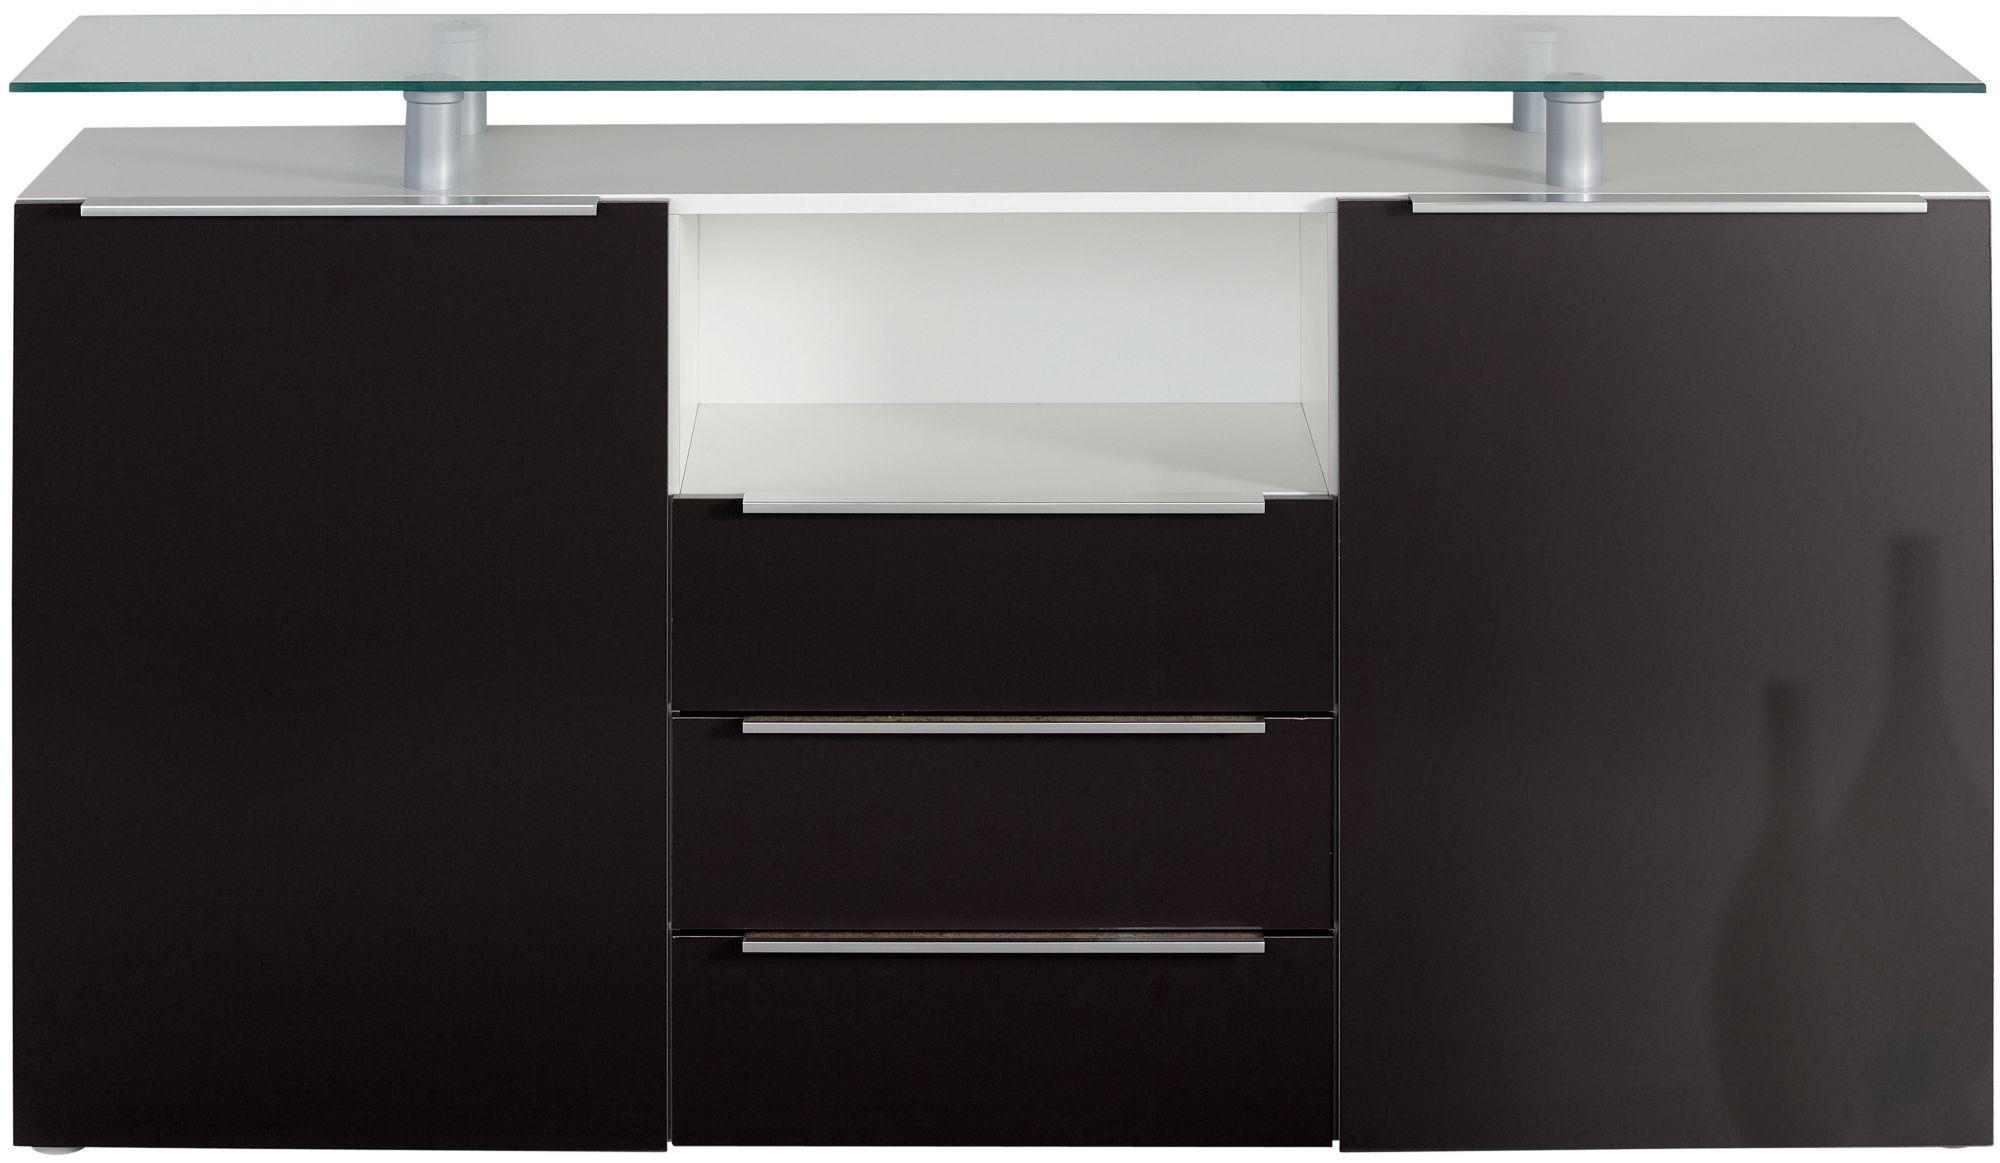 kommode schwarz 70 cm breit kommode mit schubladen im. Black Bedroom Furniture Sets. Home Design Ideas